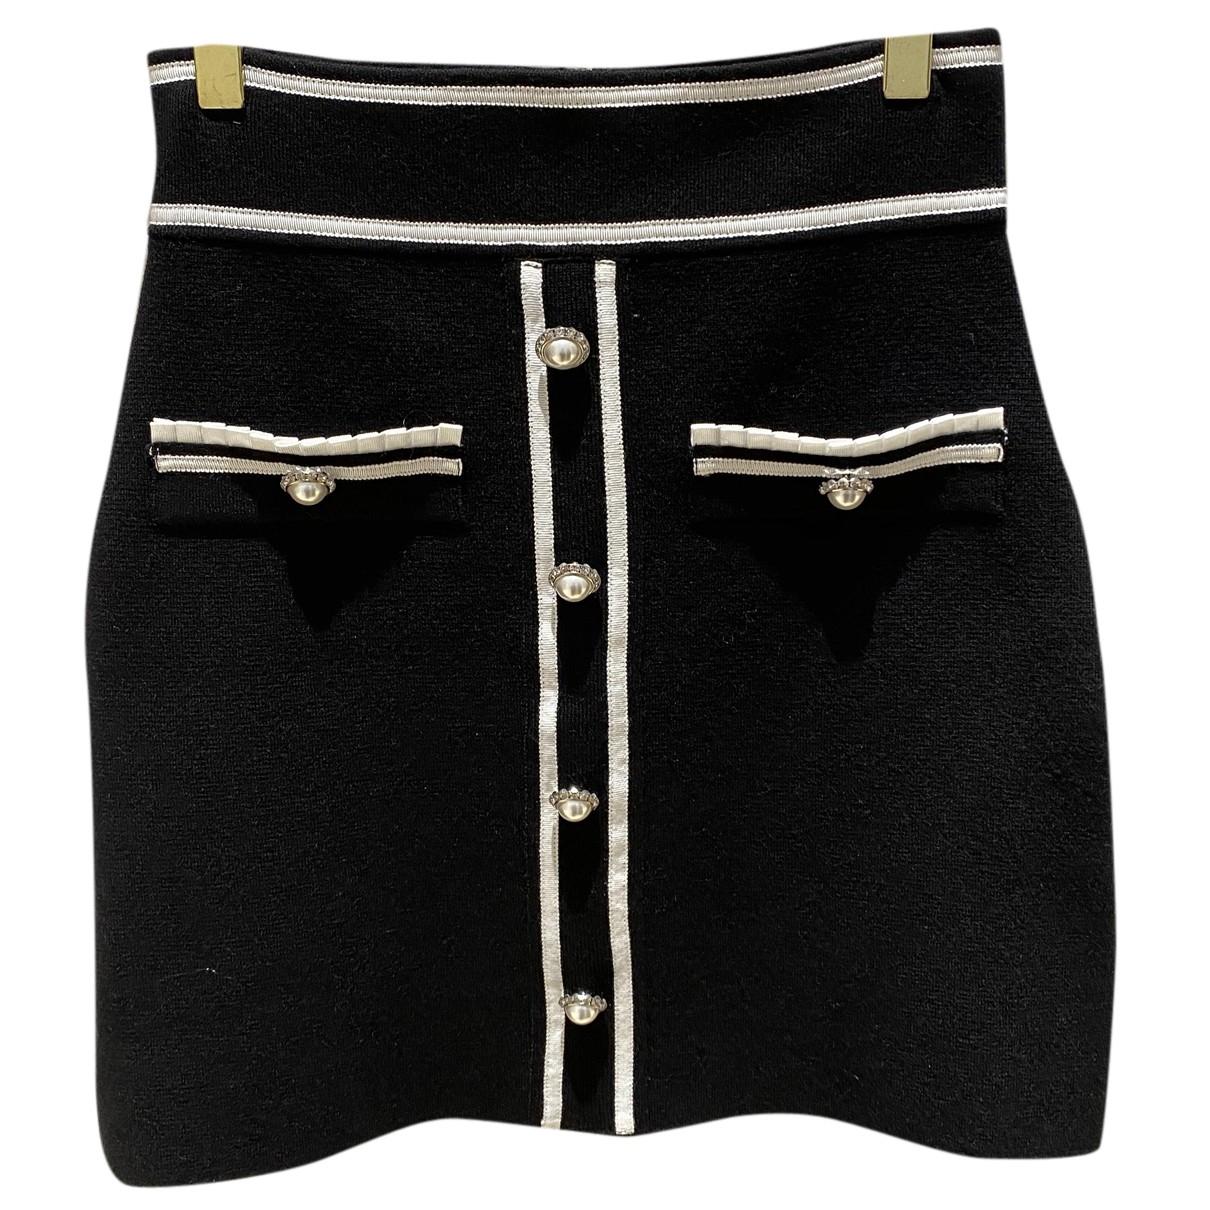 Maje N Black Cotton skirt for Women 40 FR